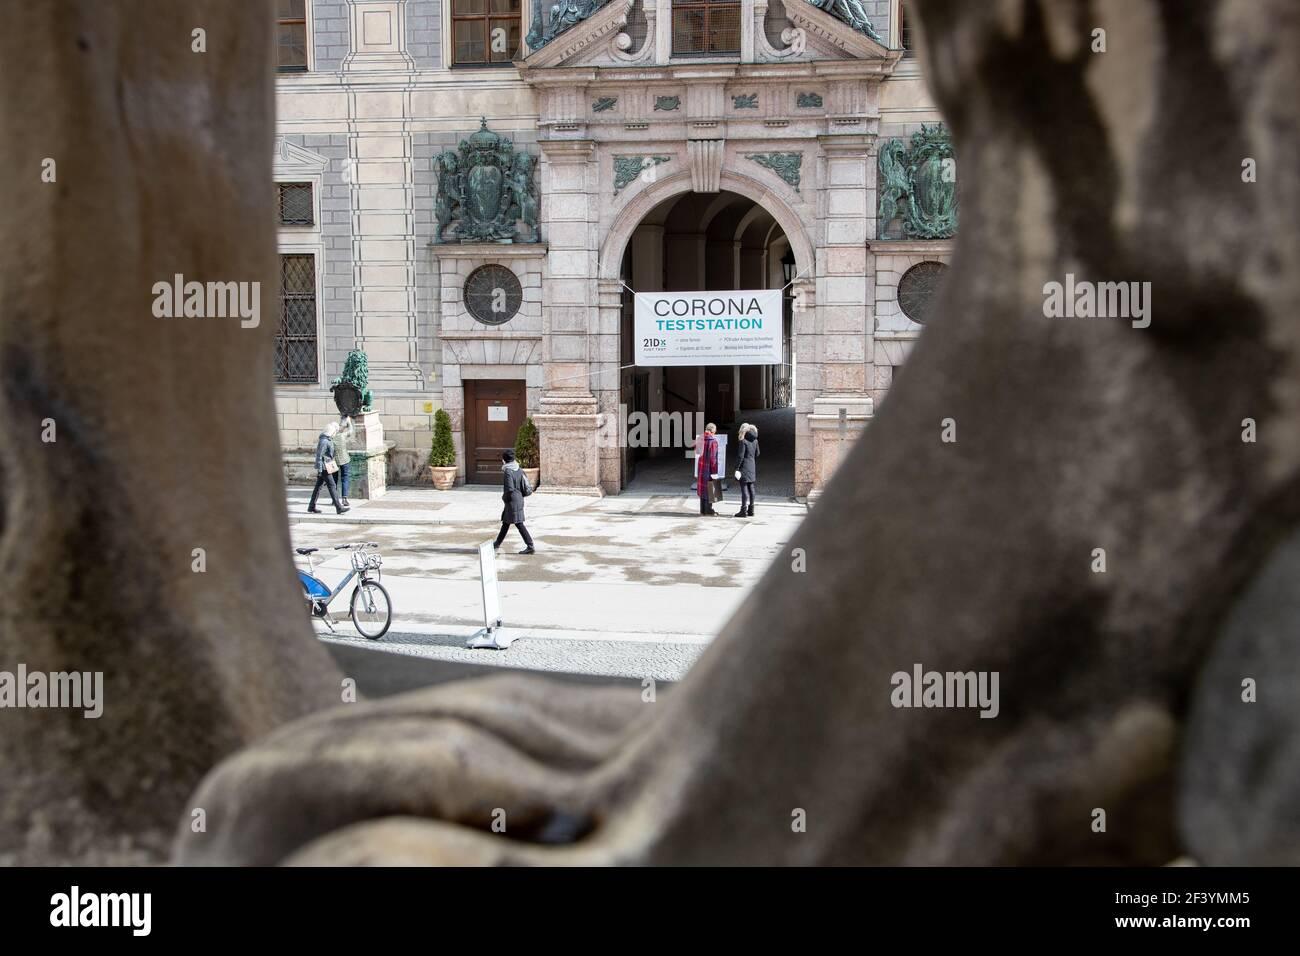 Corona Teststation in der Residenz. Während die Inzidenz in München weiter ansteigt und evtl. bald die Geschäfte wieder schließen müssen, sind viele Menschen am 18. März 2021 in der Münchner Innenstadt unterwegs und kaufen ein. Die neuen Varianten des Coronavirus betragen in der Landeshauptstadt aktuell fast 70%. * While the incidence is rising and the shops may have to close again, many people on March 18 2021 go to the pedestrian zone in Munich, Germany and buy stuff. The number of new variants in Munich is about 70%. (Photo by Alexander Pohl/Sipa USA) Credit: Sipa USA/Alamy Live News Stock Photo